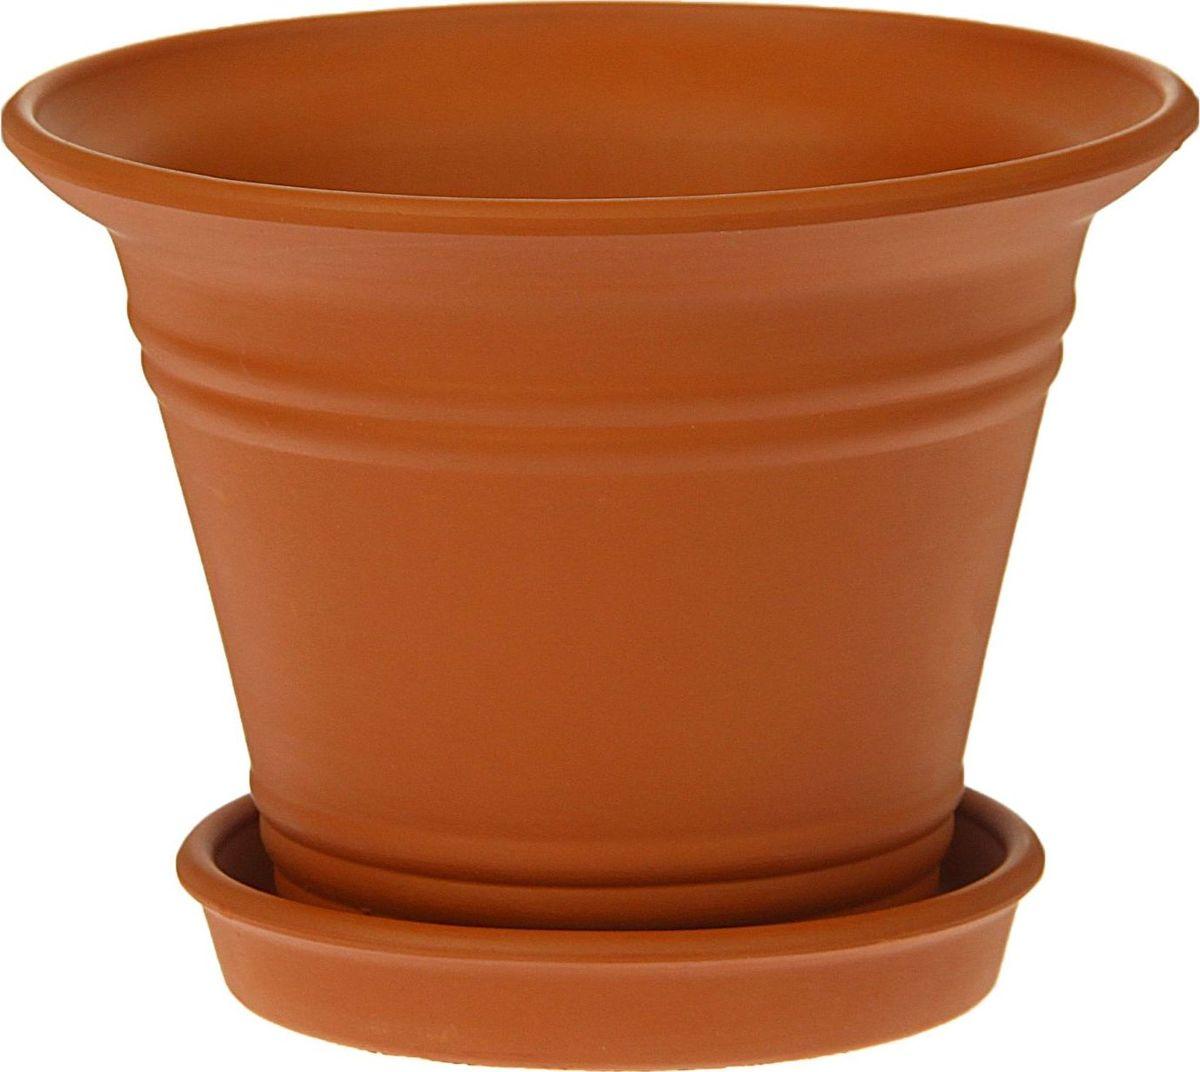 Кашпо Керамика ручной работы Рельеф, цвет: коричневый, 1 л1354690Комнатные растения — всеобщие любимцы. Они радуют глаз, насыщают помещение кислородом и украшают пространство. Каждому из них необходим свой удобный и красивый дом. Кашпо из керамики прекрасно подходят для высадки растений: за счёт пластичности глины и разных способов обработки существует великое множество форм и дизайновпористый материал позволяет испаряться лишней влагевоздух, необходимый для дыхания корней, проникает сквозь керамические стенки! #name# позаботится о зелёном питомце, освежит интерьер и подчеркнёт его стиль.